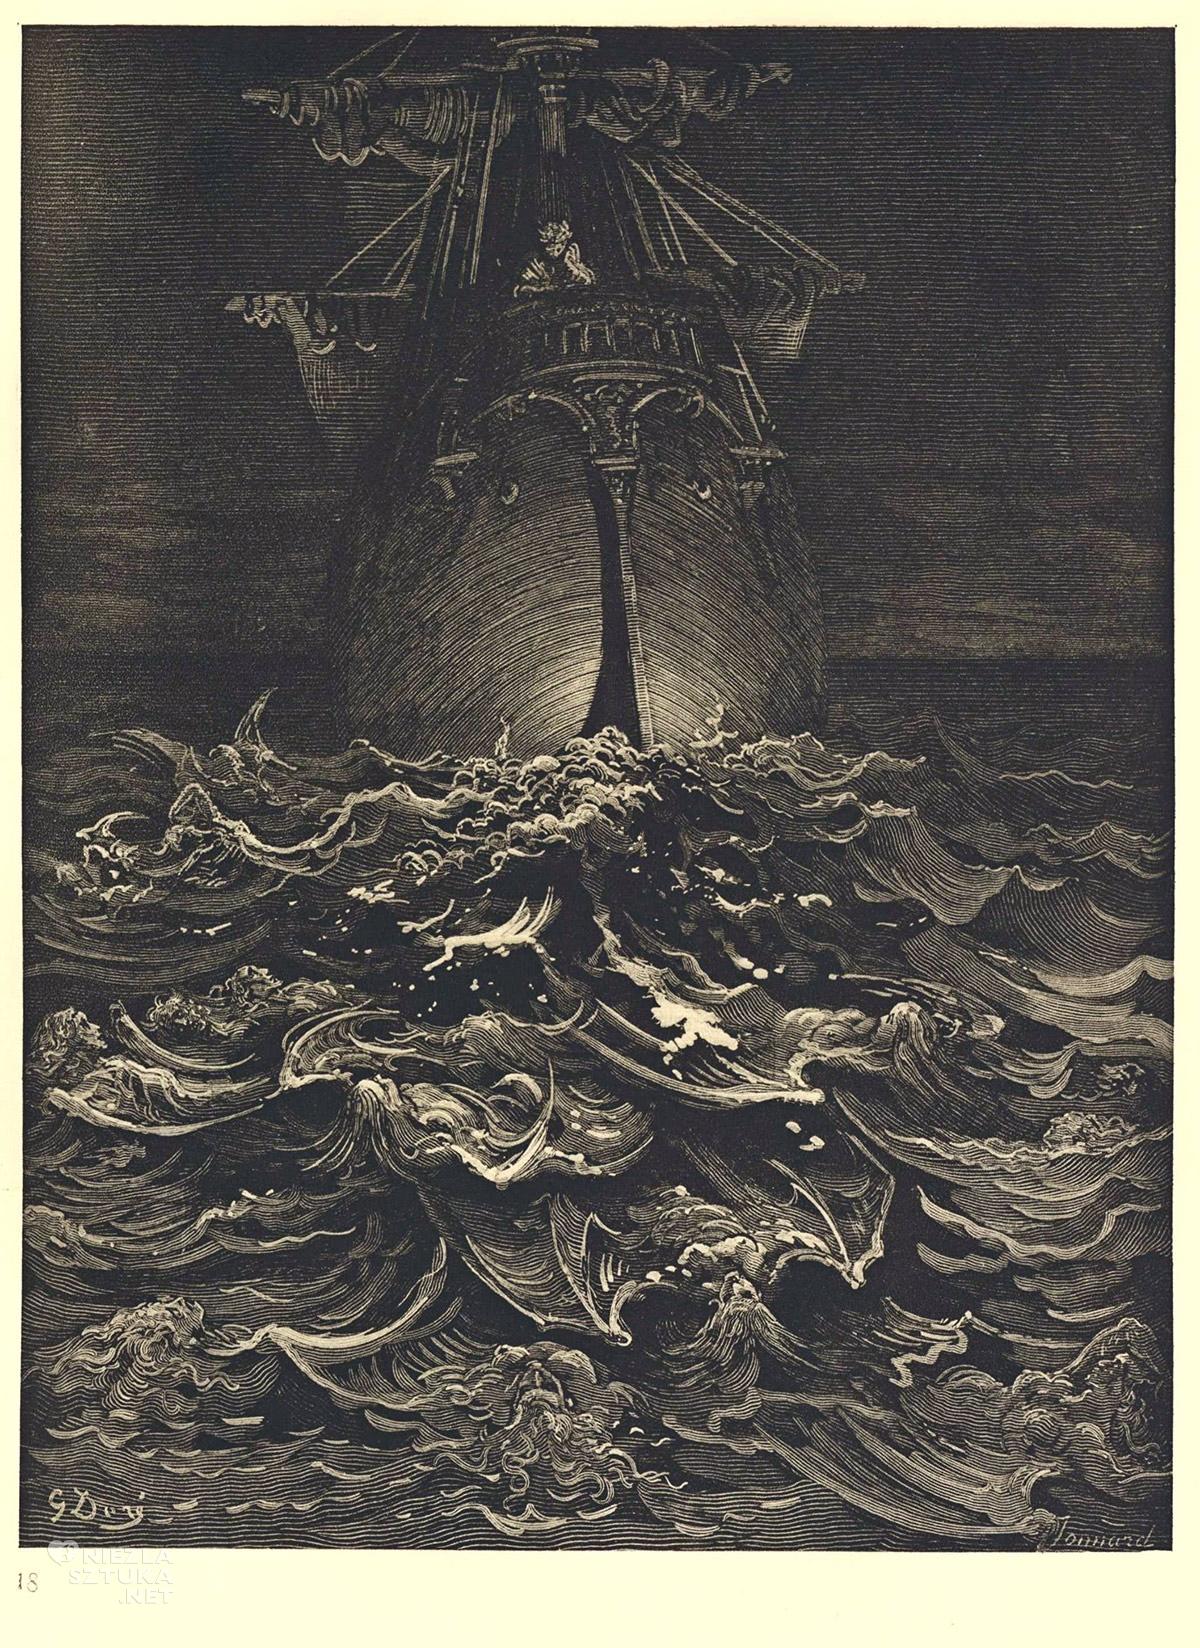 Gustave Dore, Ilustracja do Rymów o starym marynarzu, grafika, Niezła Sztuka